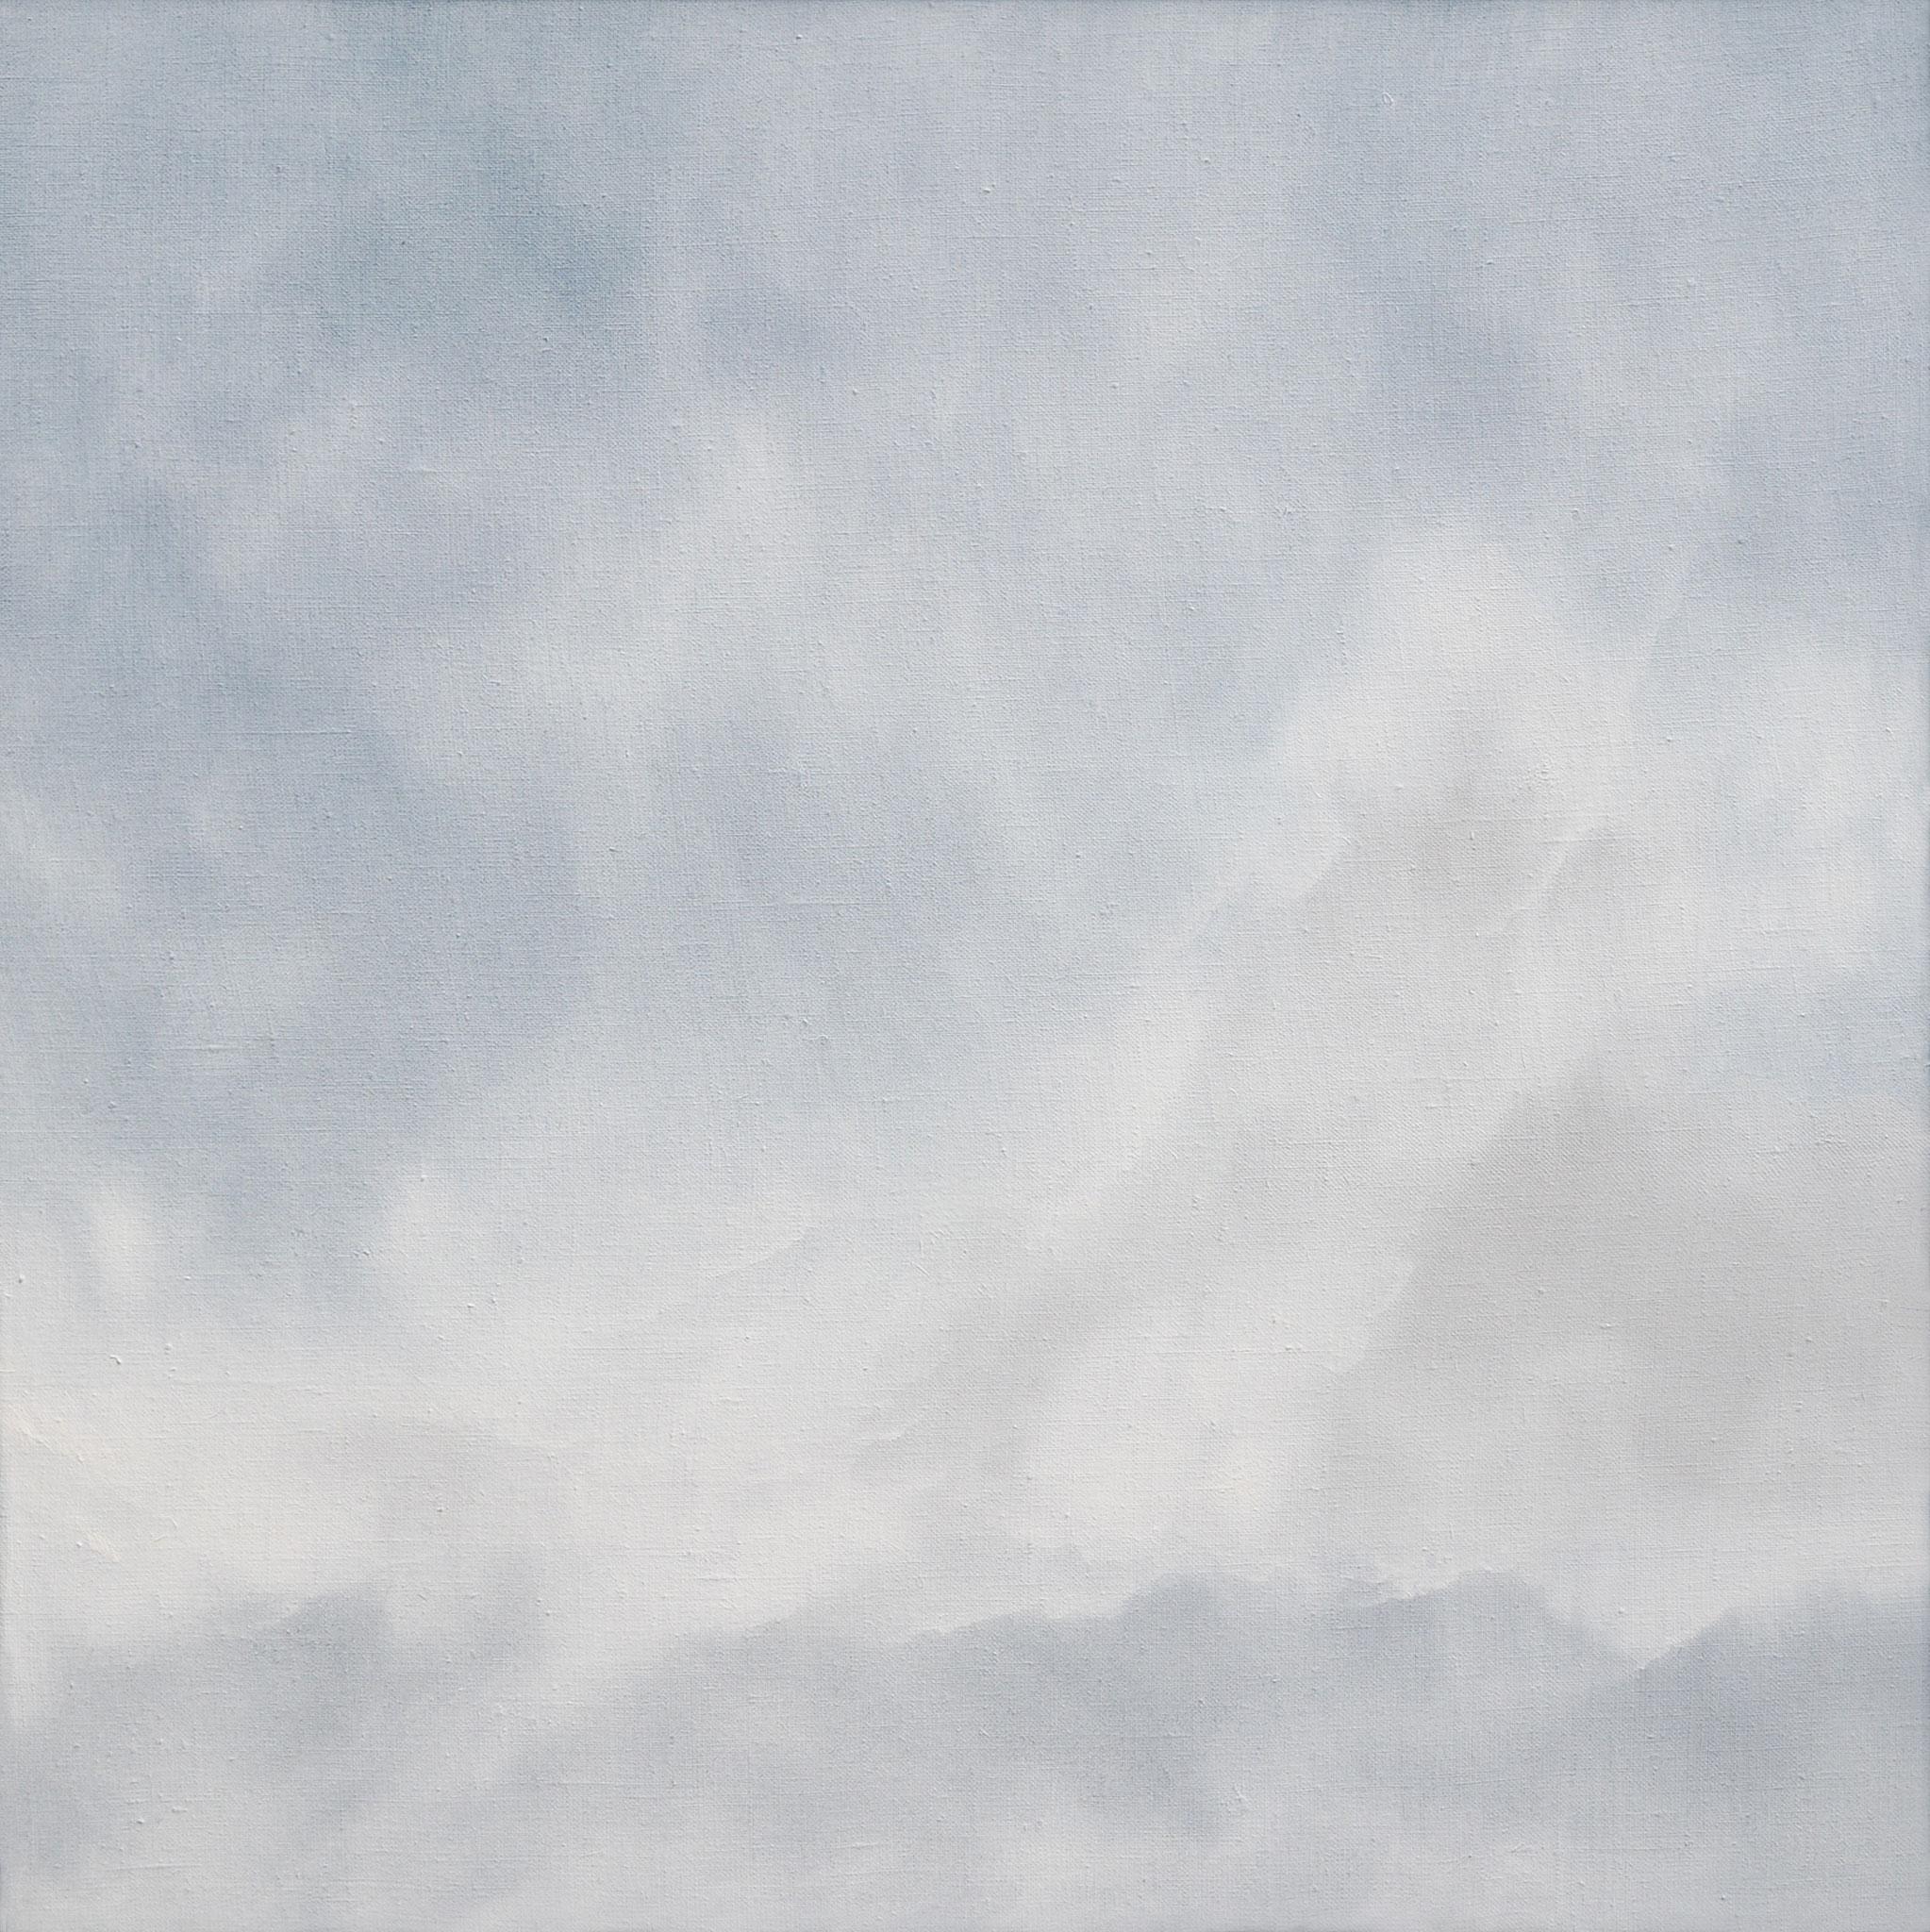 LANDSCHAFT IN AUFLÖSUNG 3, 2019, Öl/Lwd., 60 x 60cm